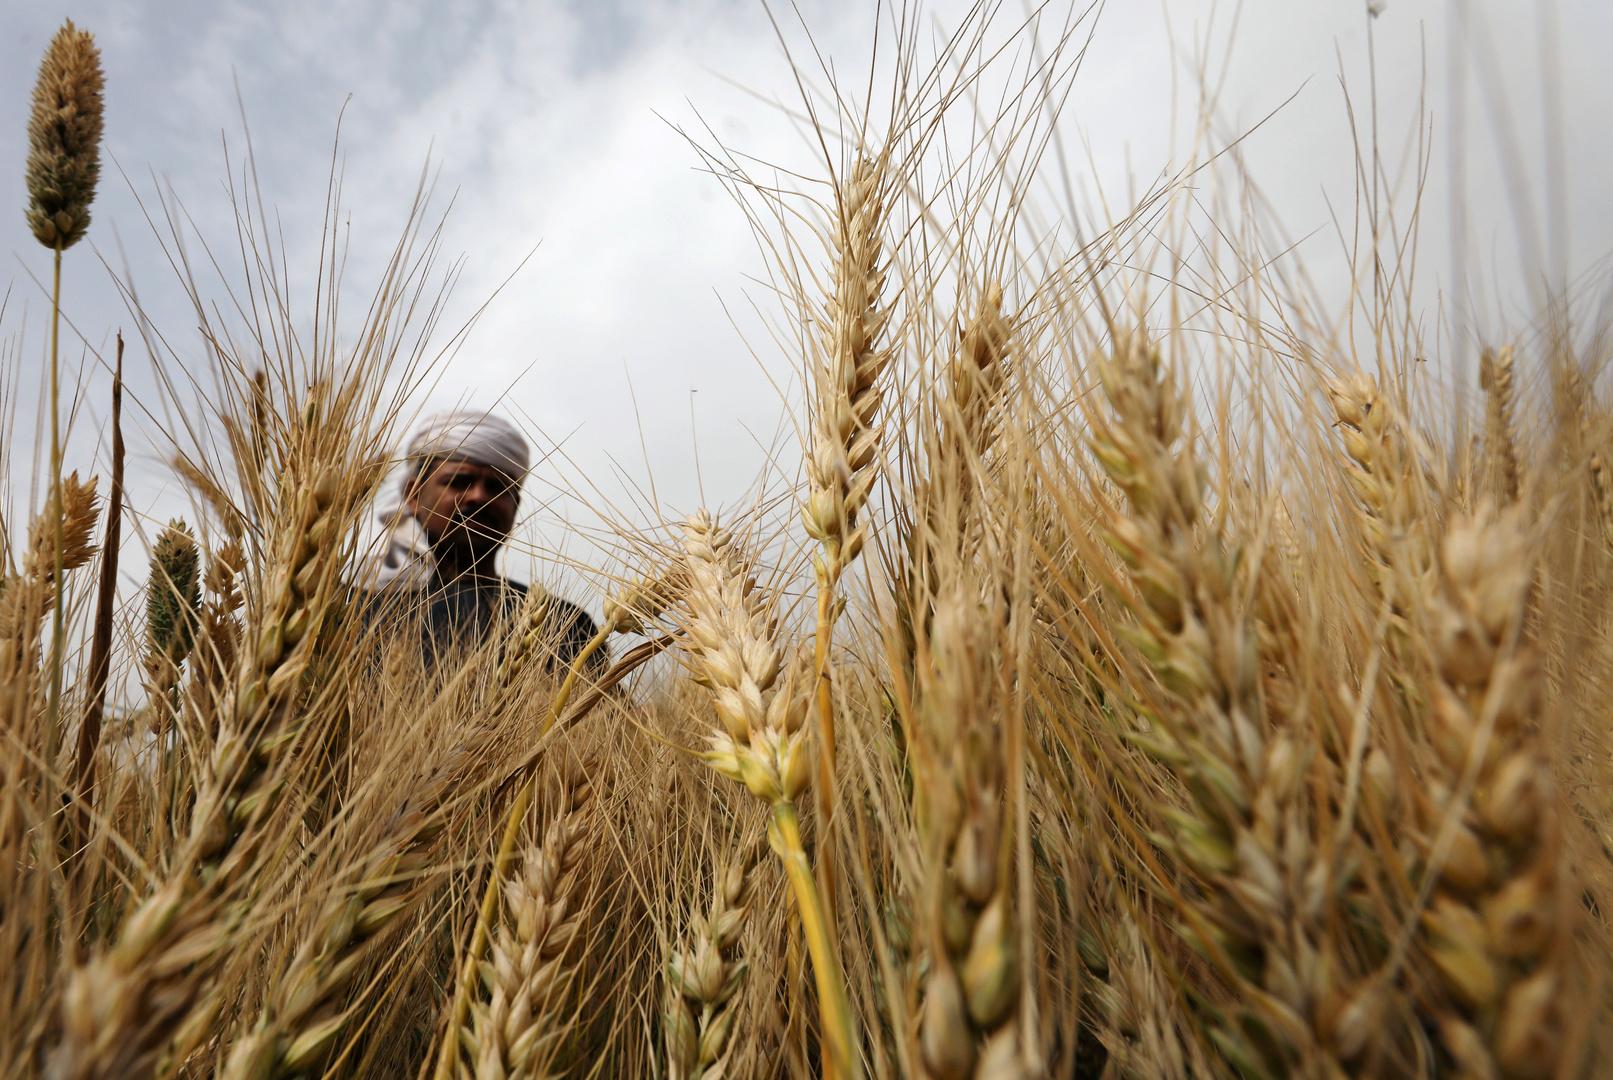 وزير التموين المصري: احتياطي القمح يكفي لمدة 6 أشهر ونصف